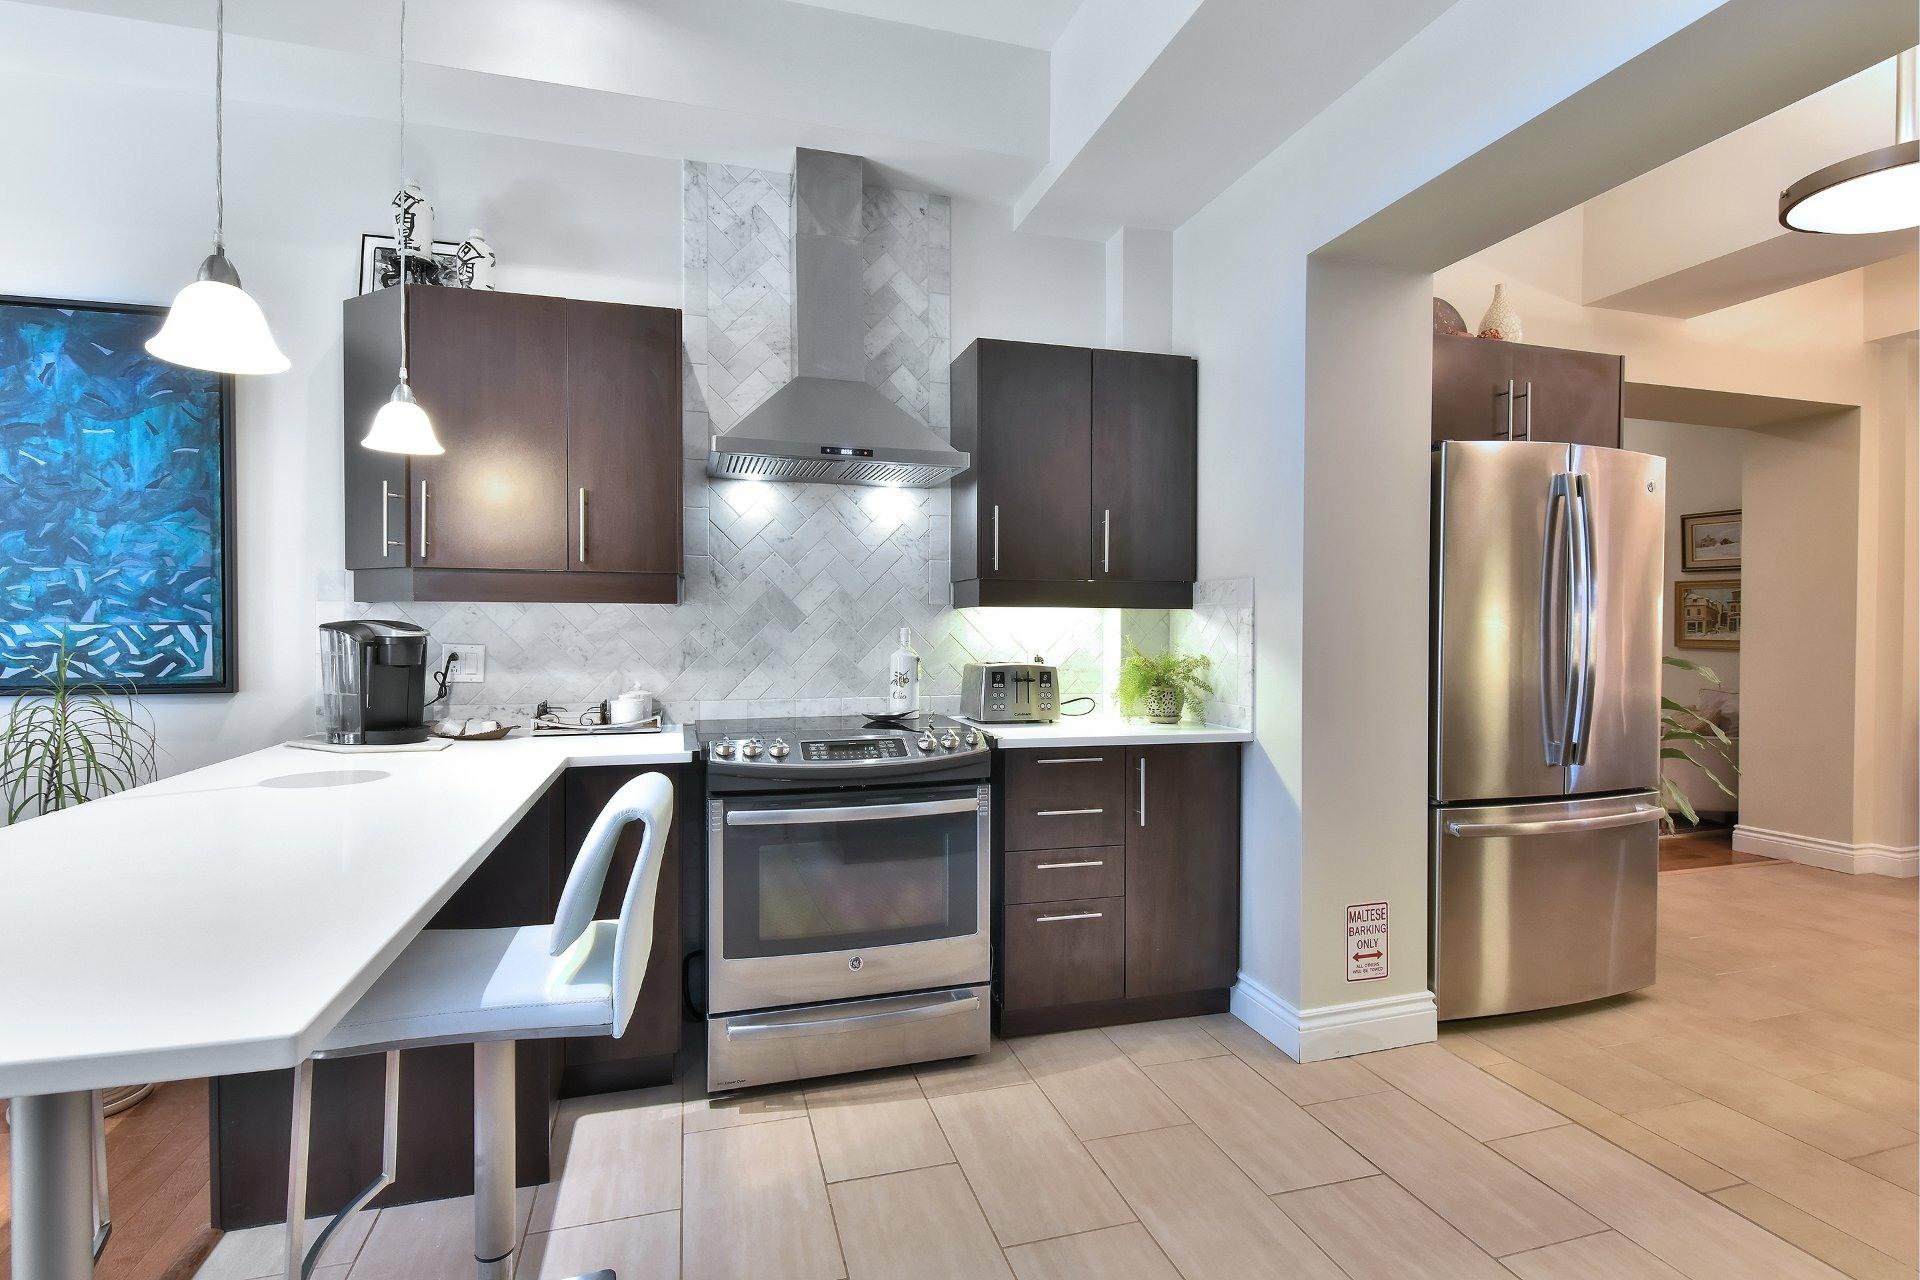 image 10 - Appartement À vendre Montréal Côte-des-Neiges/Notre-Dame-de-Grâce  - 5 pièces